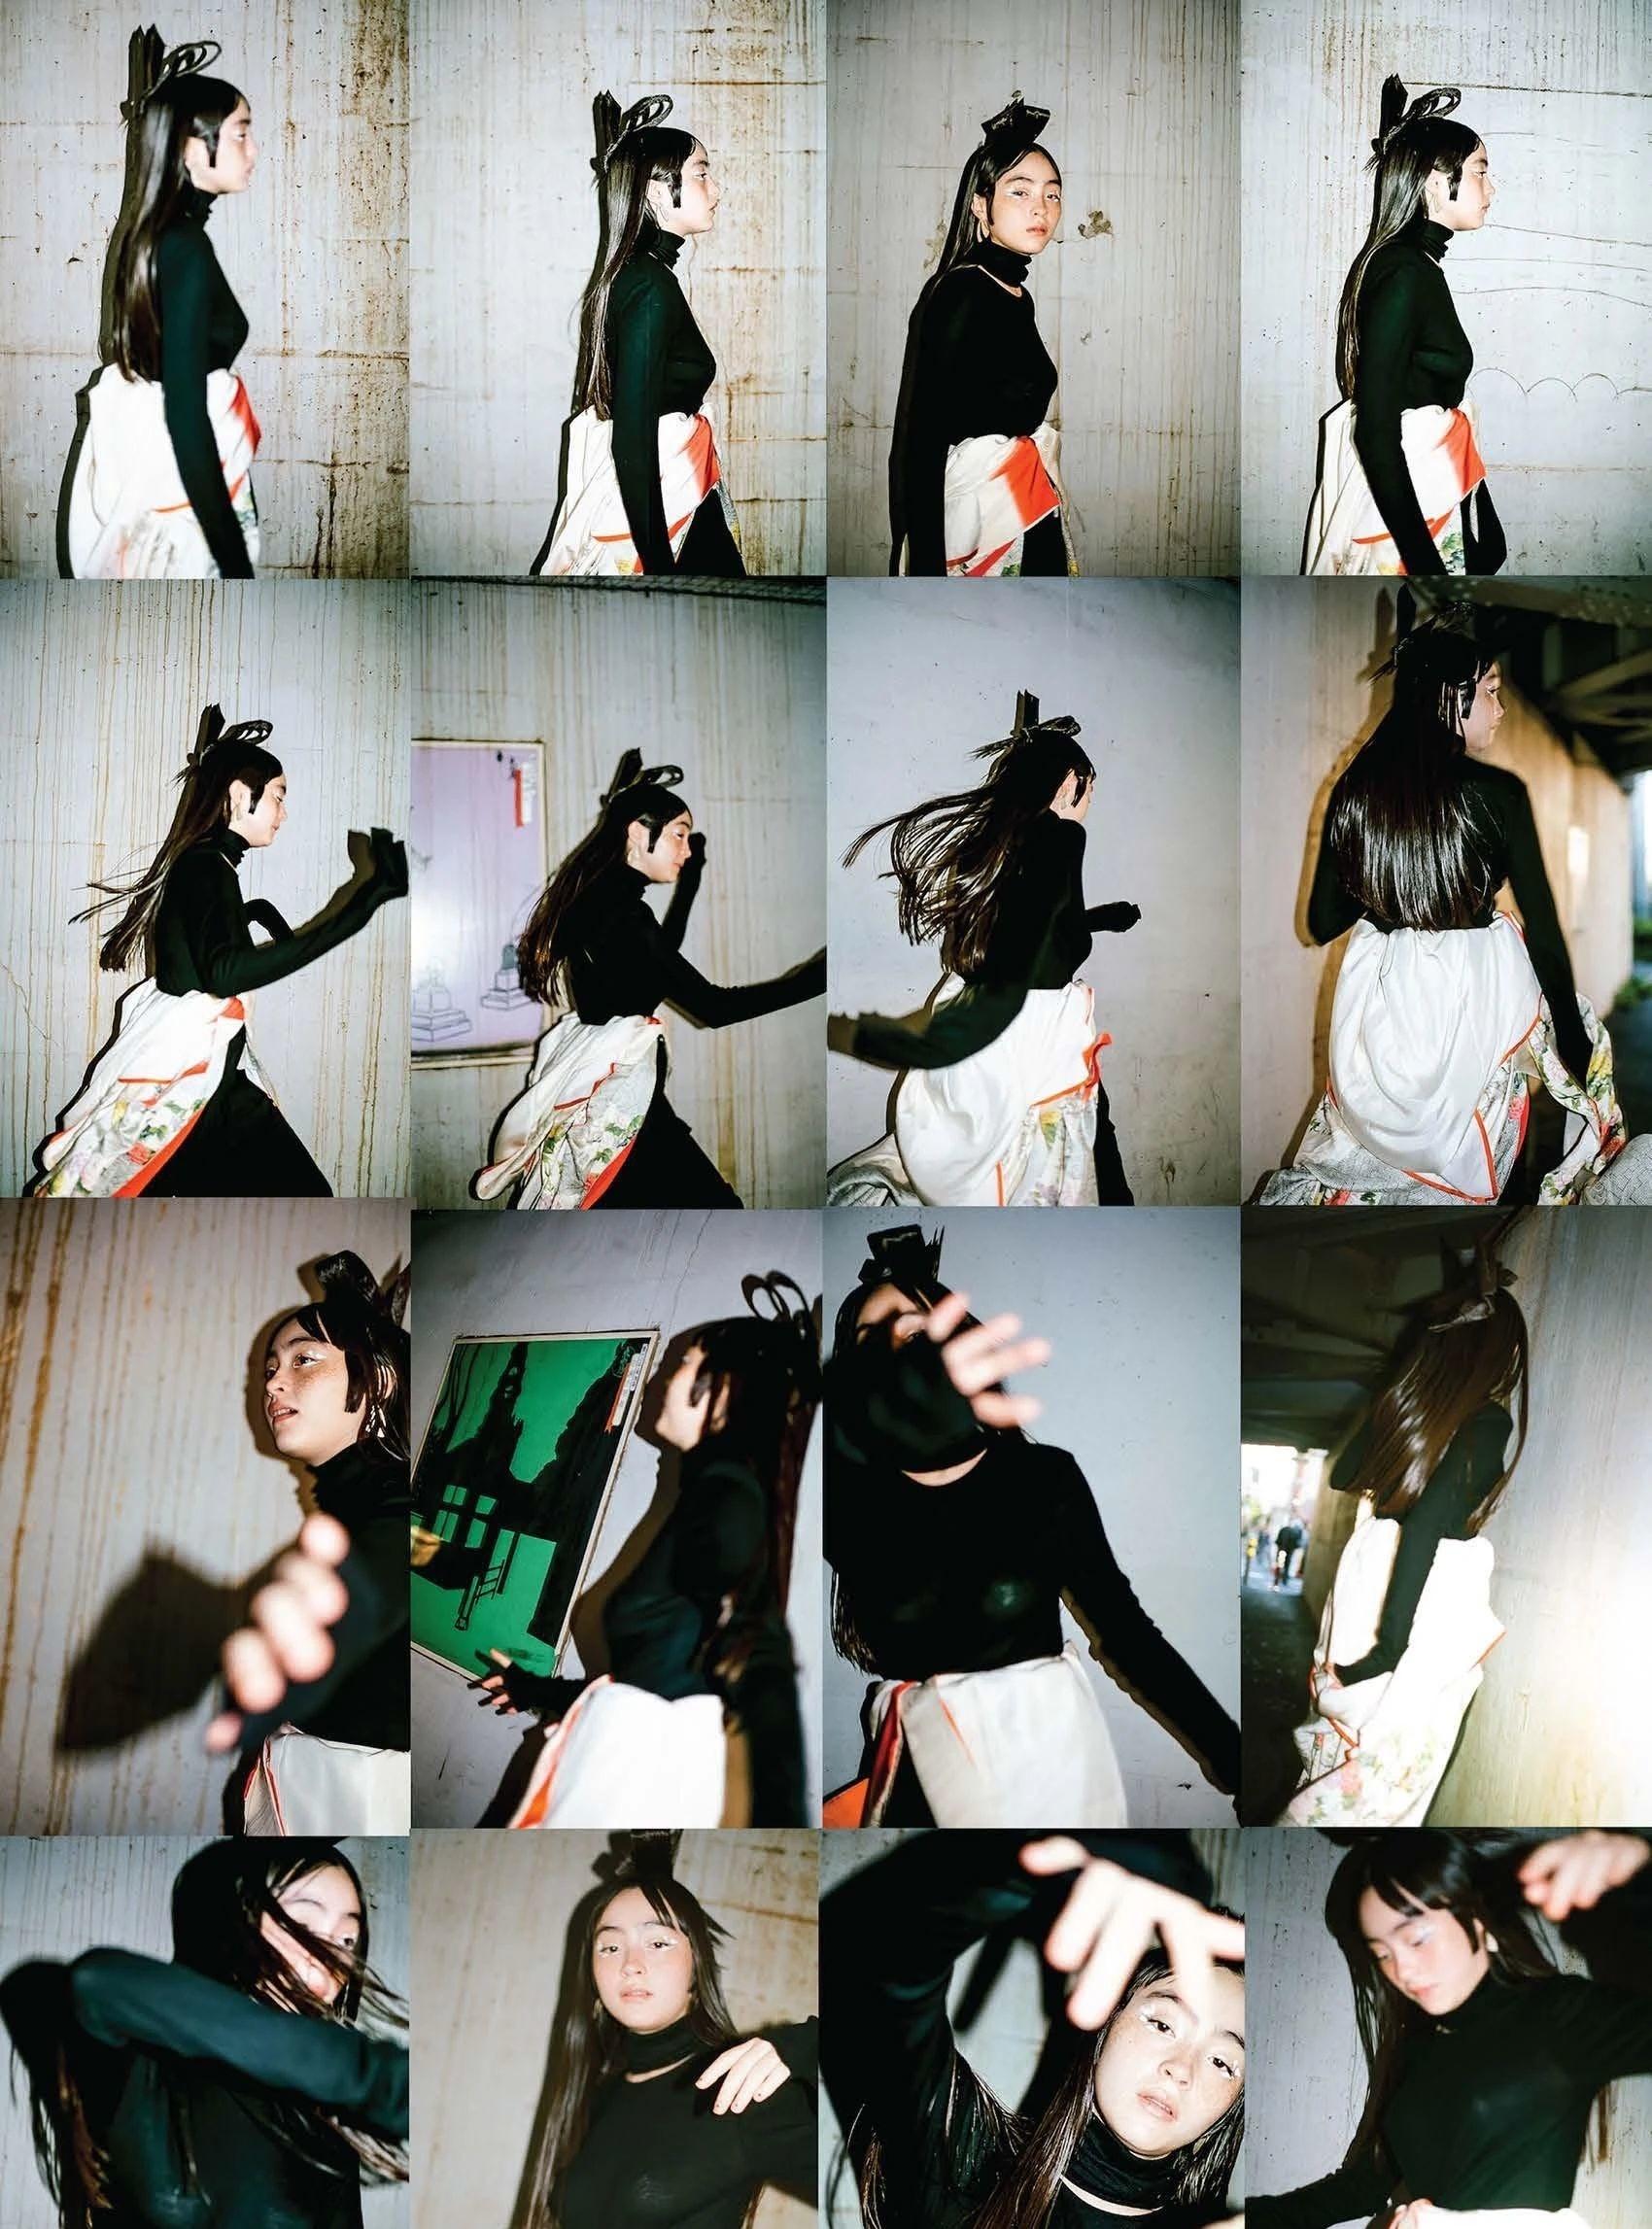 满脸雀斑却依旧很美的混血模特世理奈写真作品 (36)